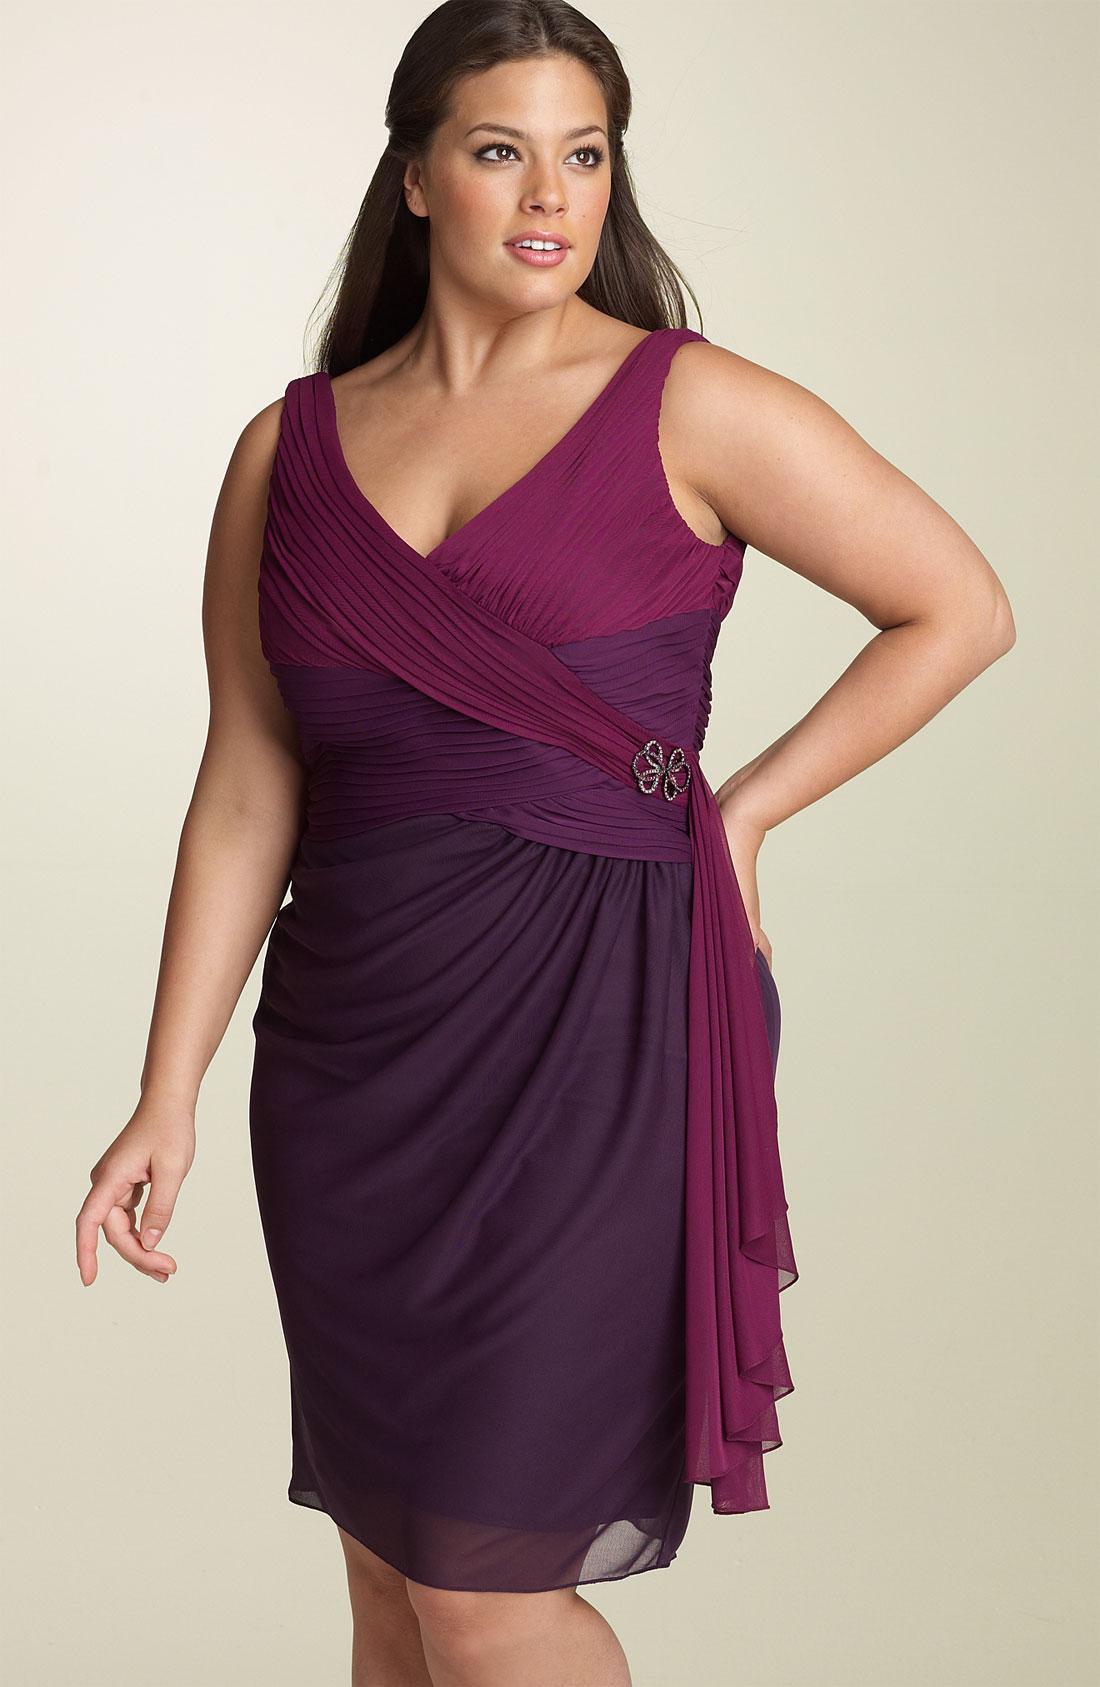 платье трикотаж фото облегающее